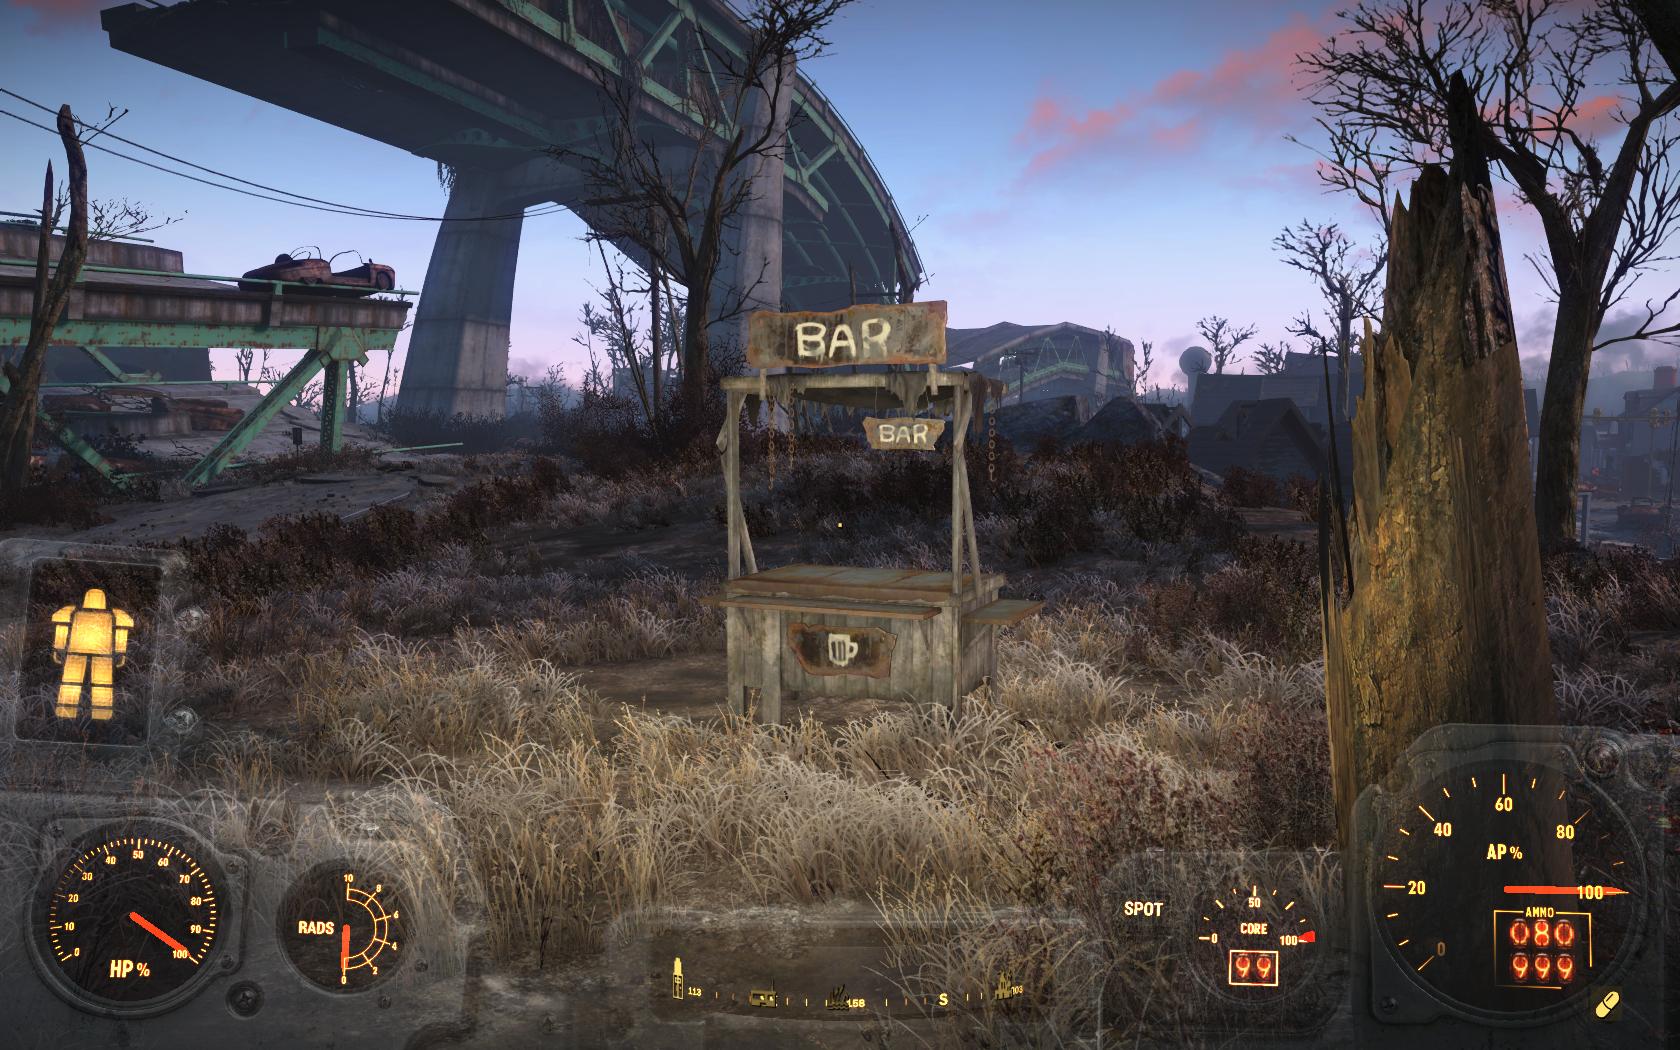 Одинокий бар в неожиданном месте (севернее Джамейки-Плейн) - Fallout 4 бар, Джамейка-Плейн